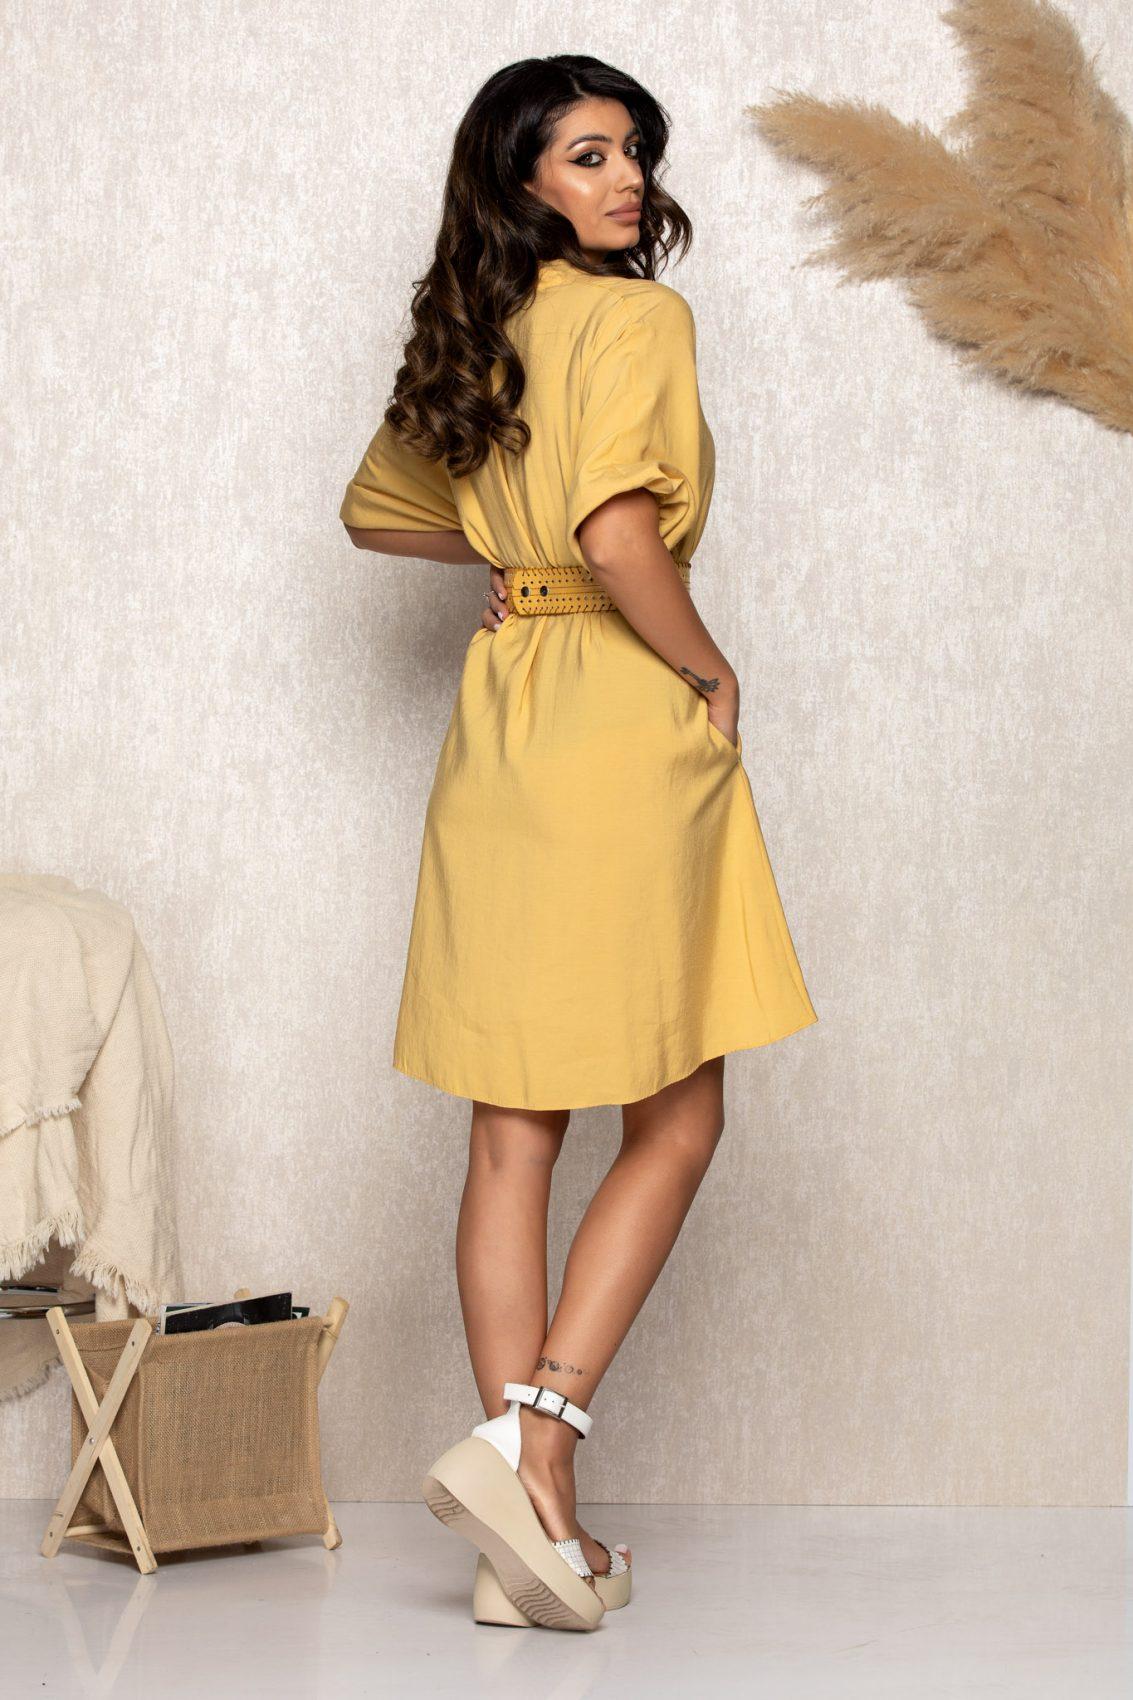 Κίτρινο Φόρεμα Με Ζώνη Molly B171 2